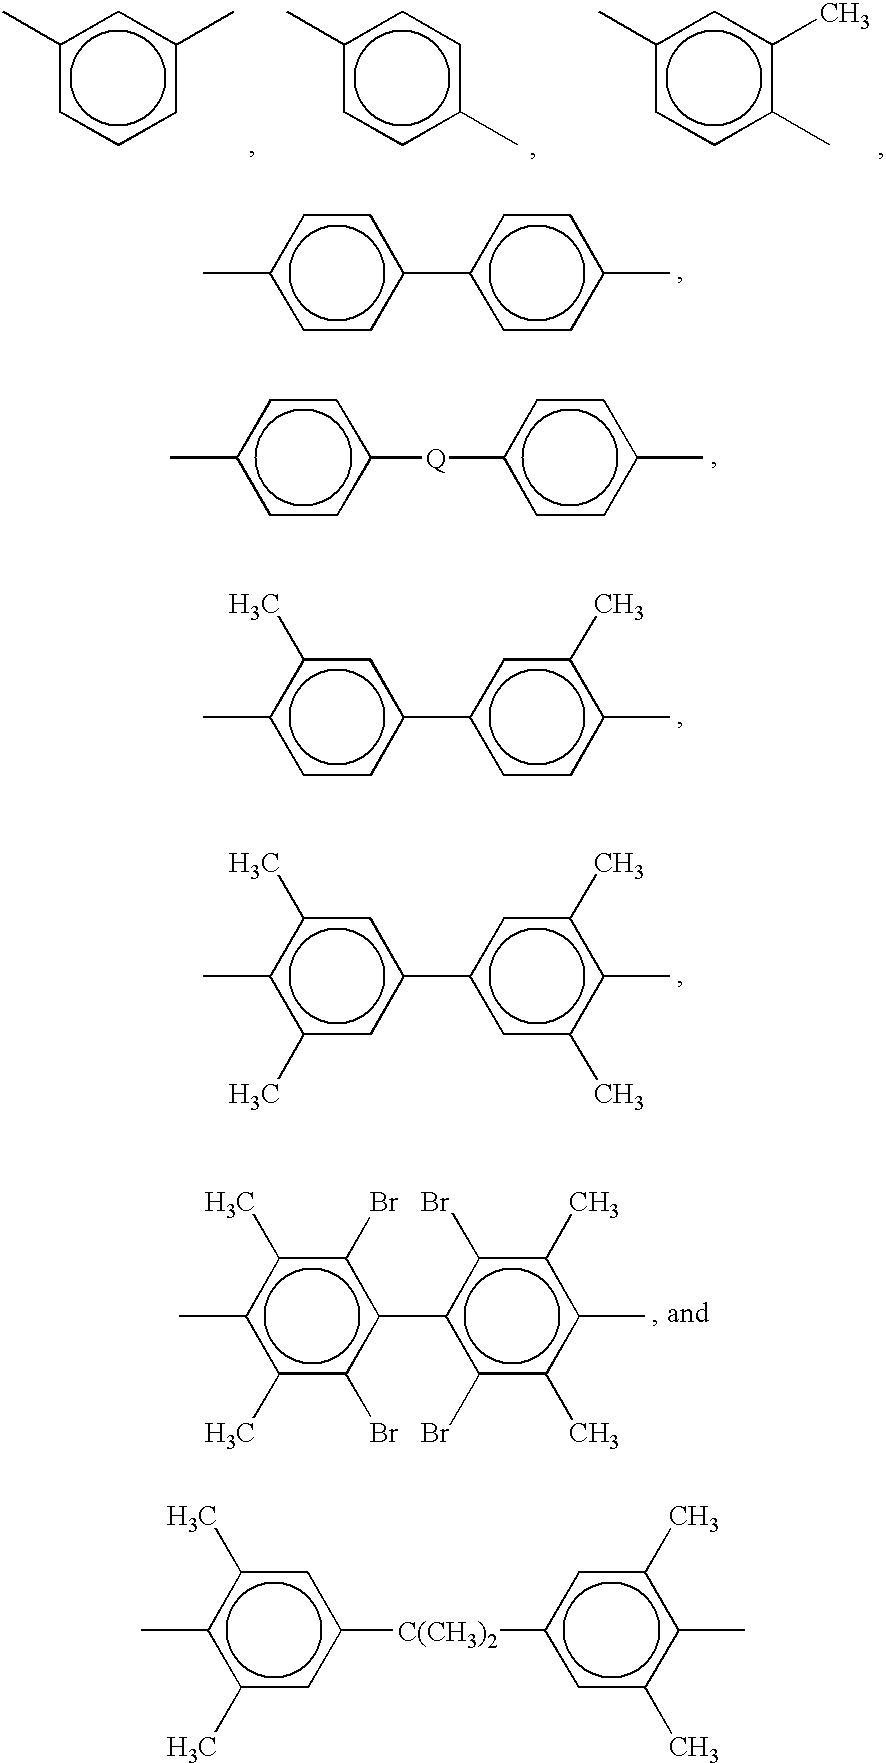 Figure US20030004268A1-20030102-C00019